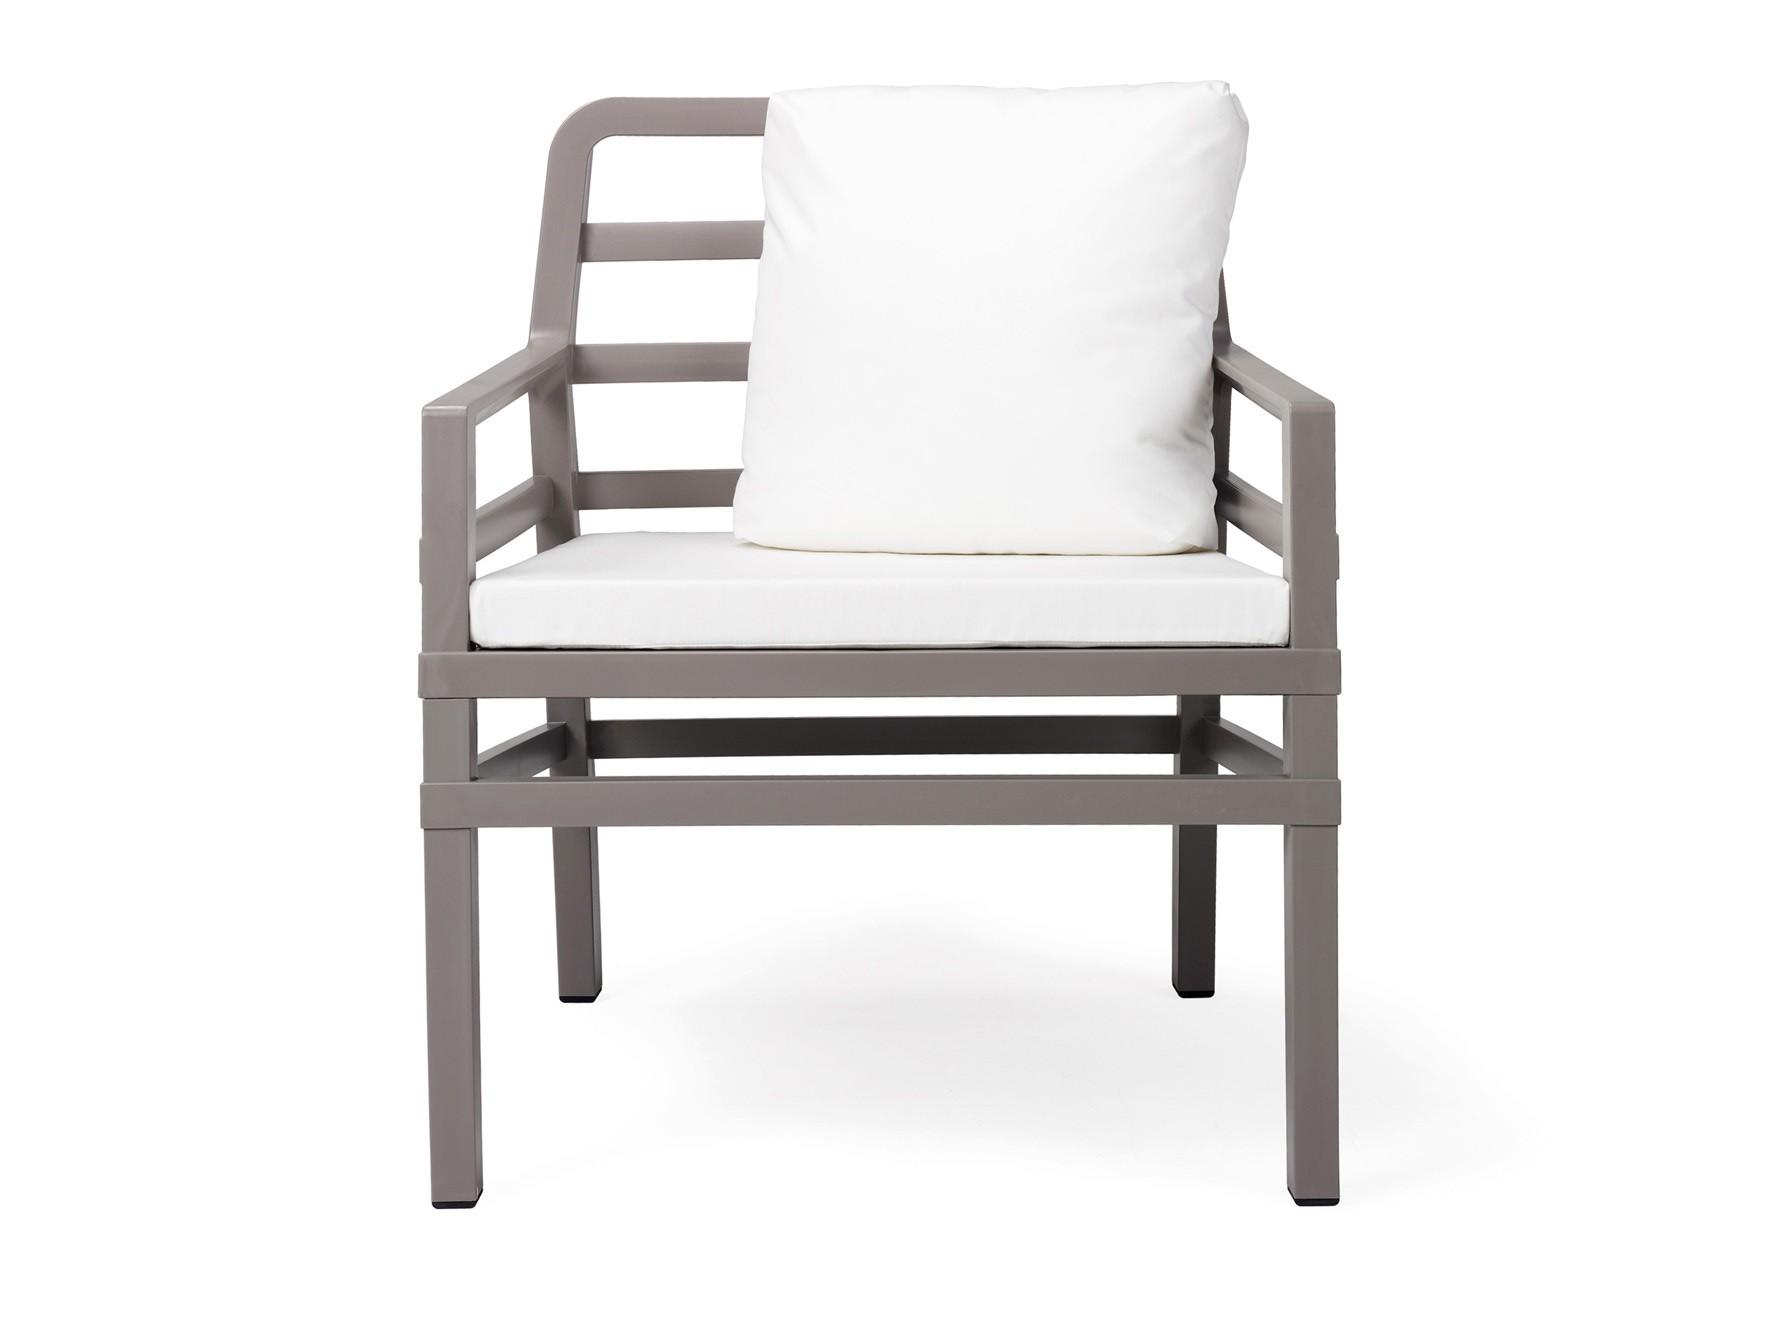 Nardi Gartensessel / Lounge Sessel Aria Kunststoff tortora / bianco Bild 1